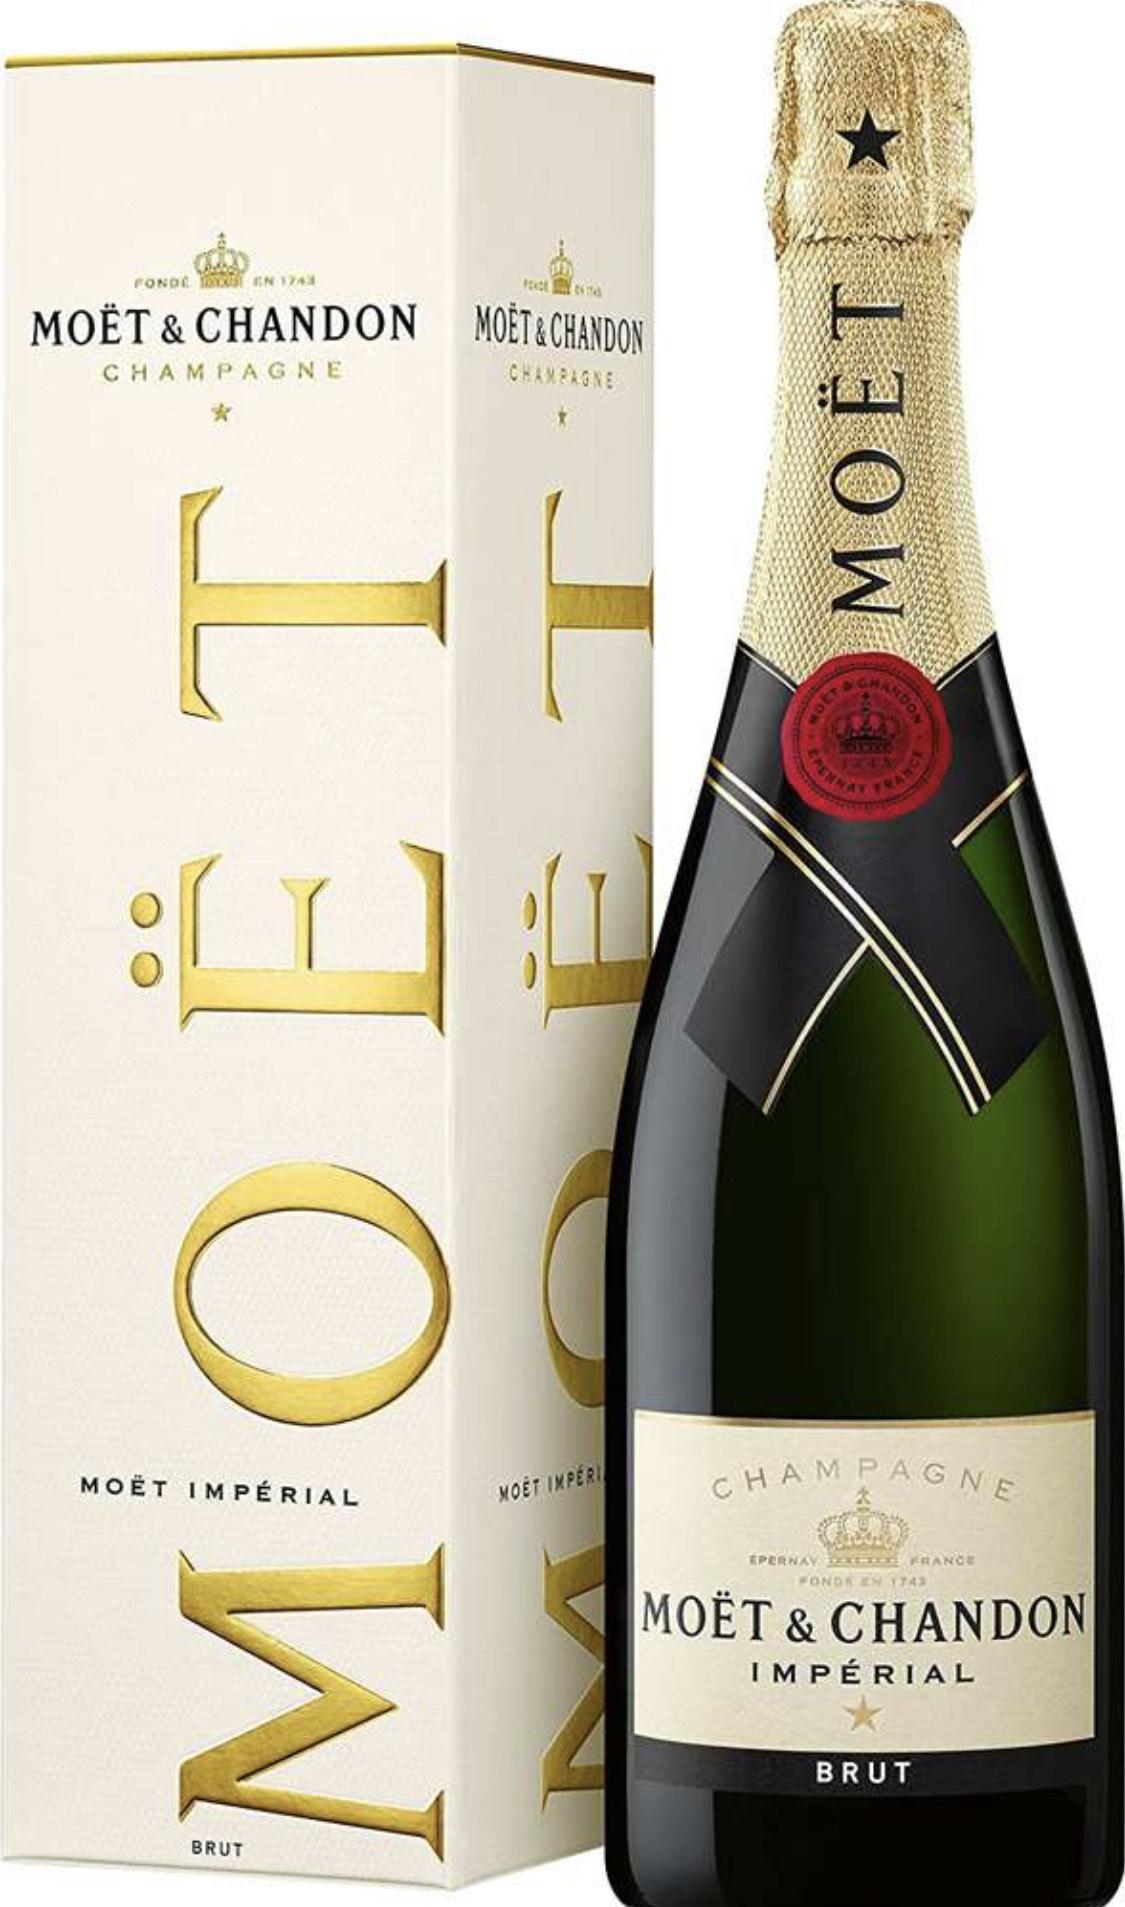 Moët & Chandon Impérial Brut Non Vintage Champagne 75cl £29 (plus 25% off 6 bottles) @ Sainsbury's